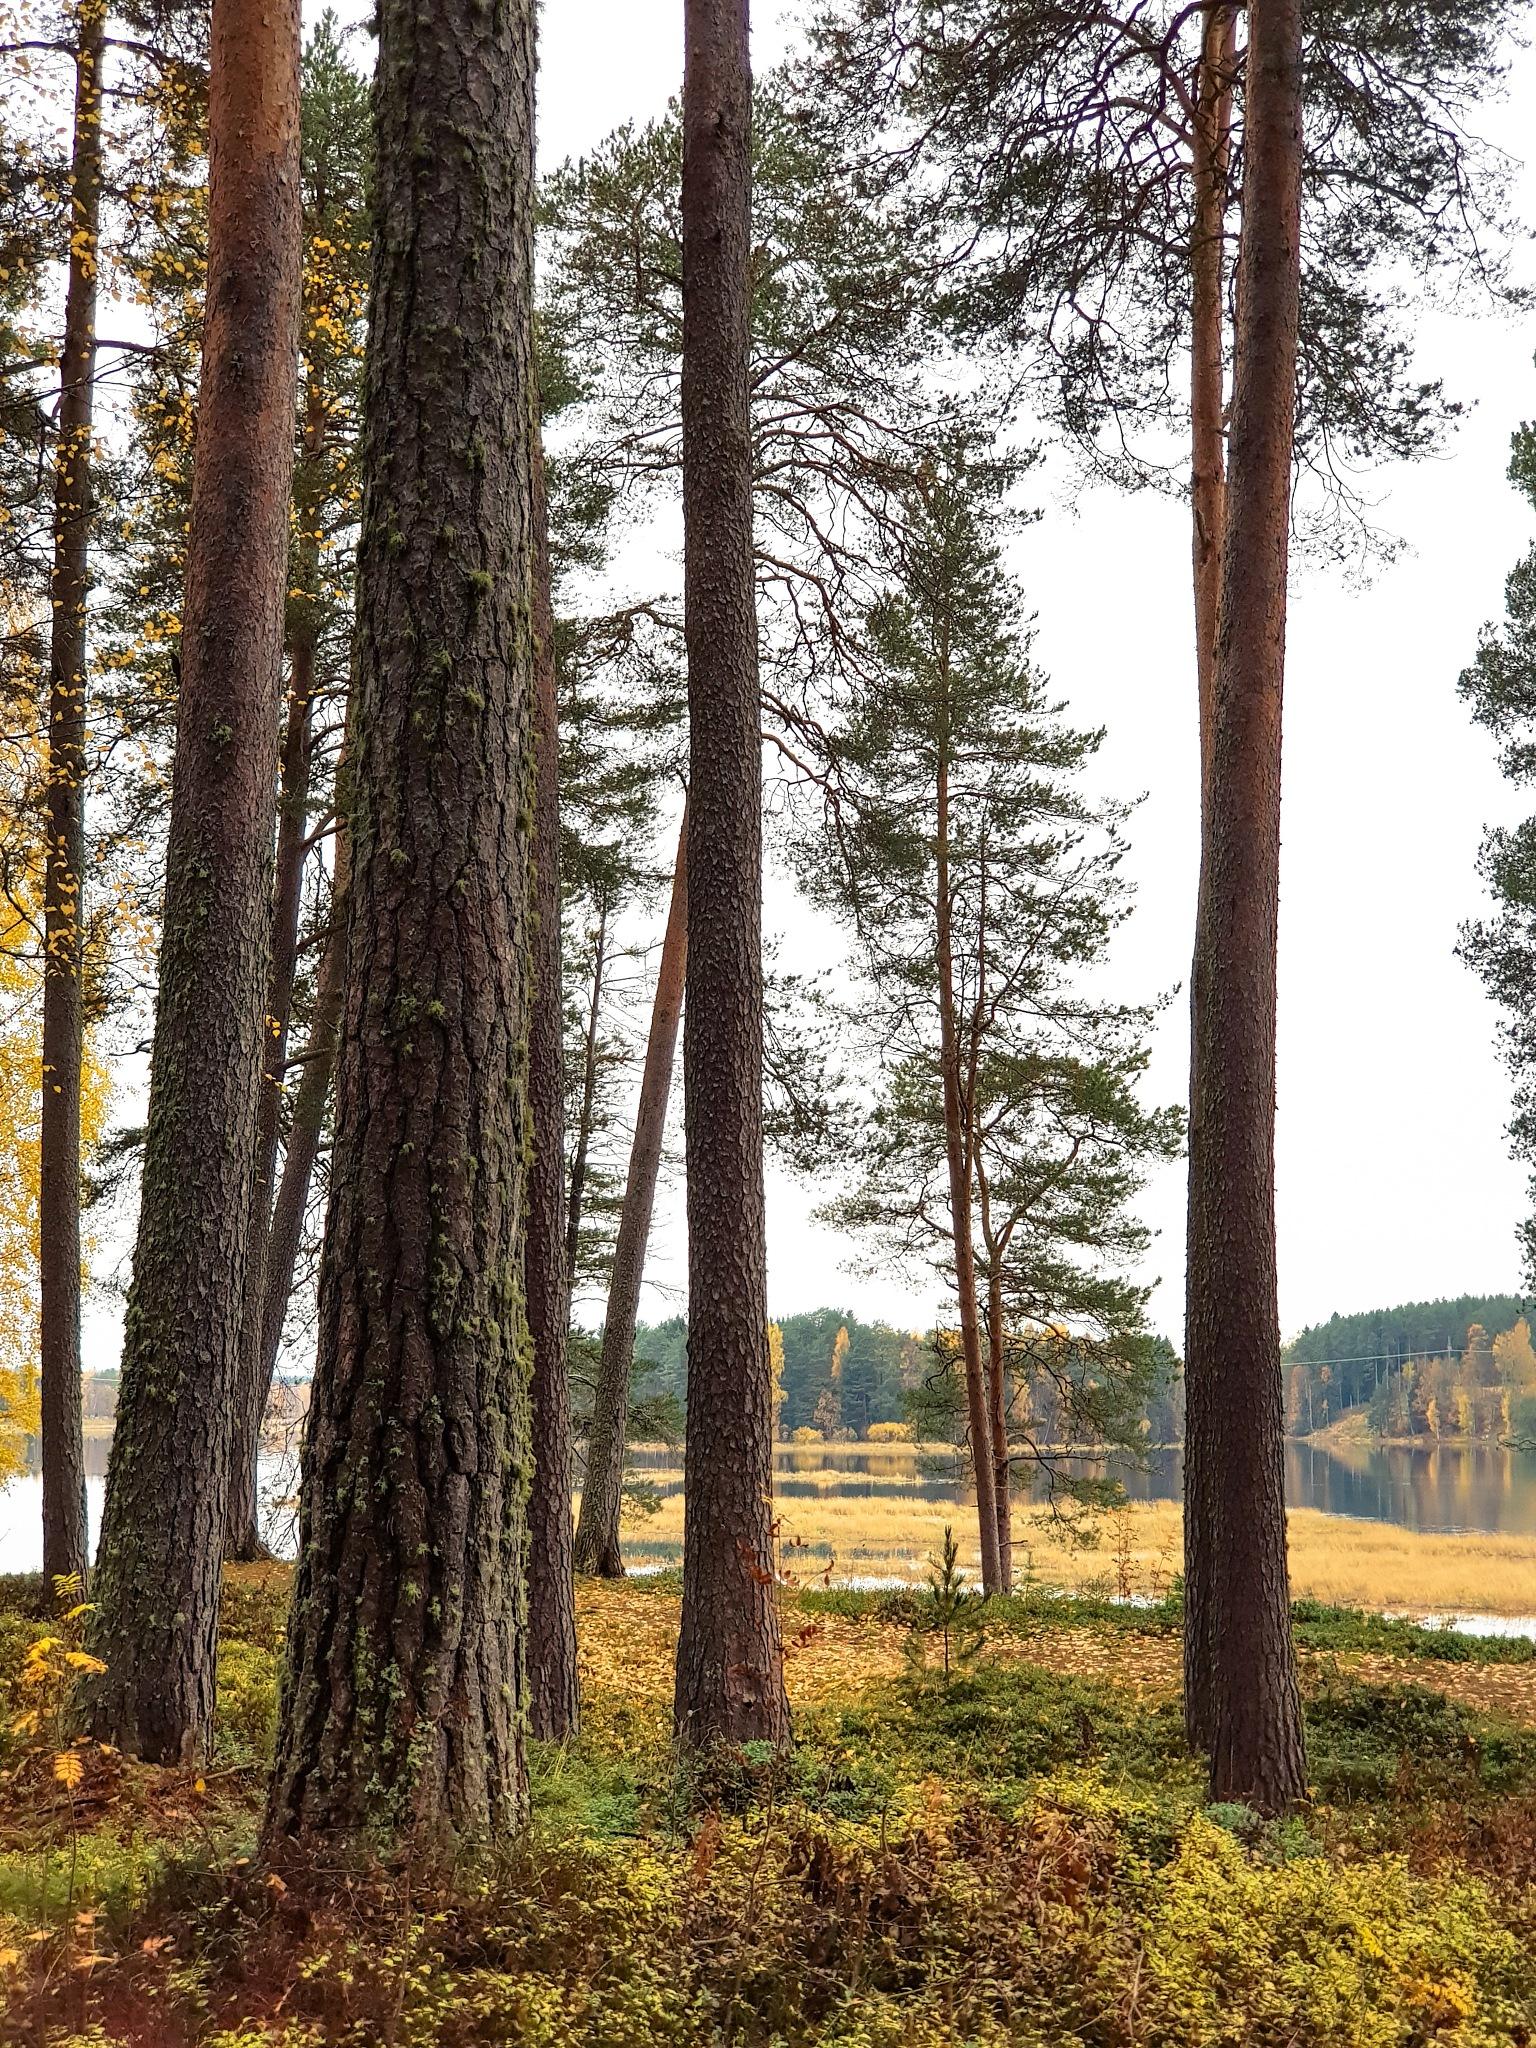 Autumn Woods 4 by Juuso Voutilainen